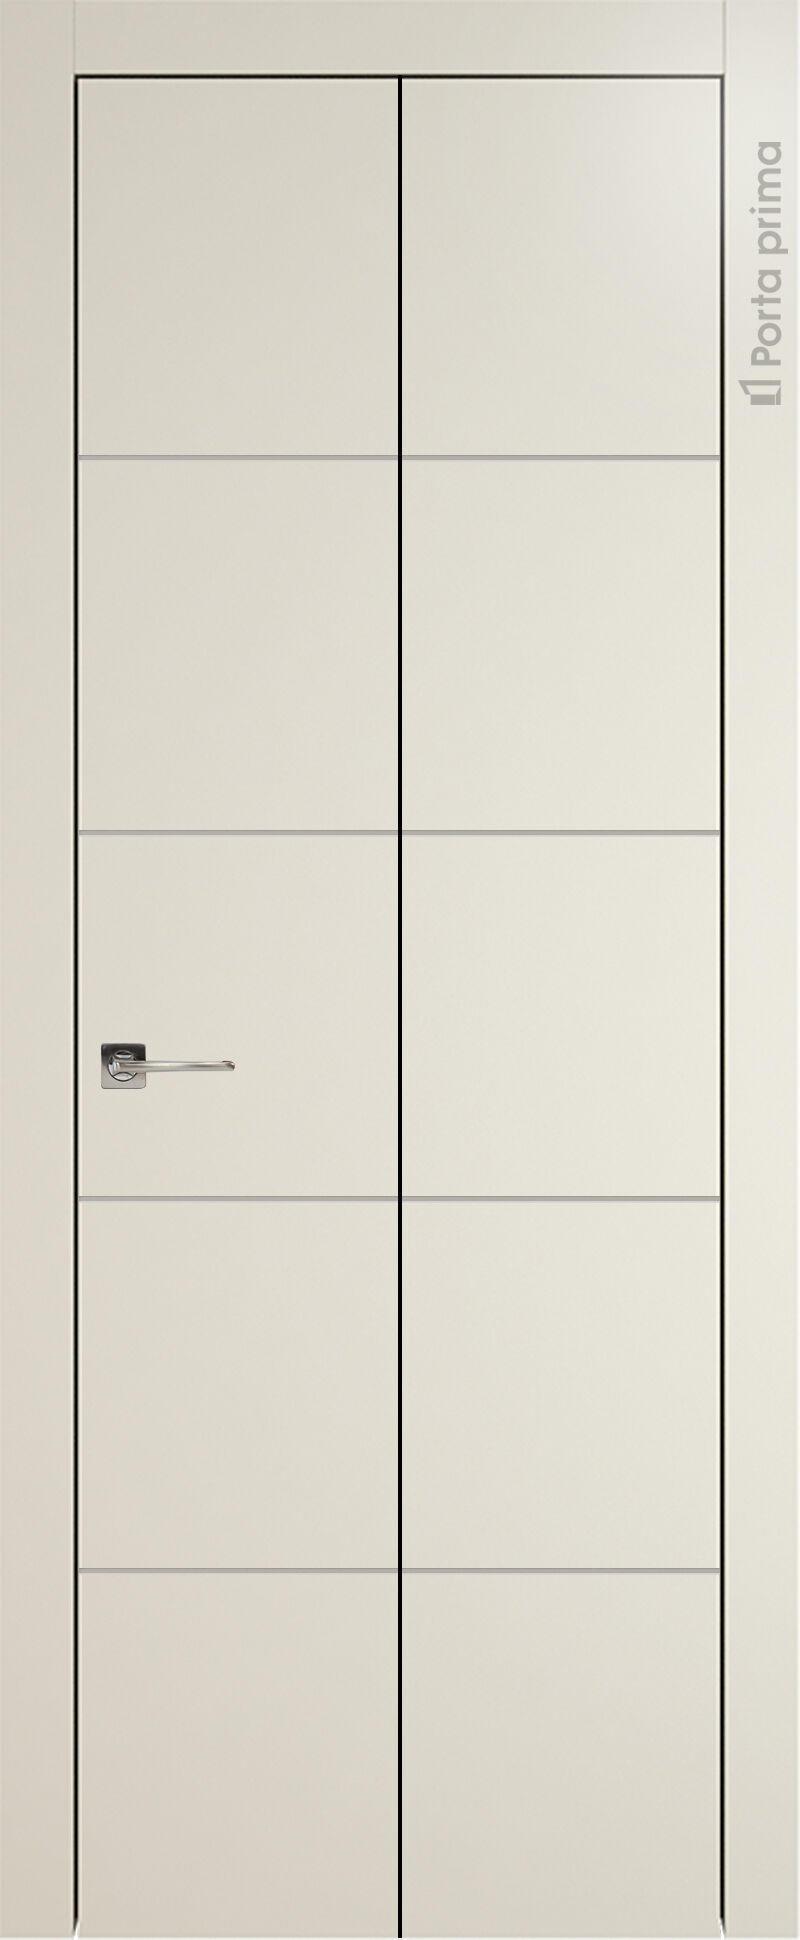 Tivoli Д-2 Книжка цвет - Жемчужная эмаль Без стекла (ДГ)